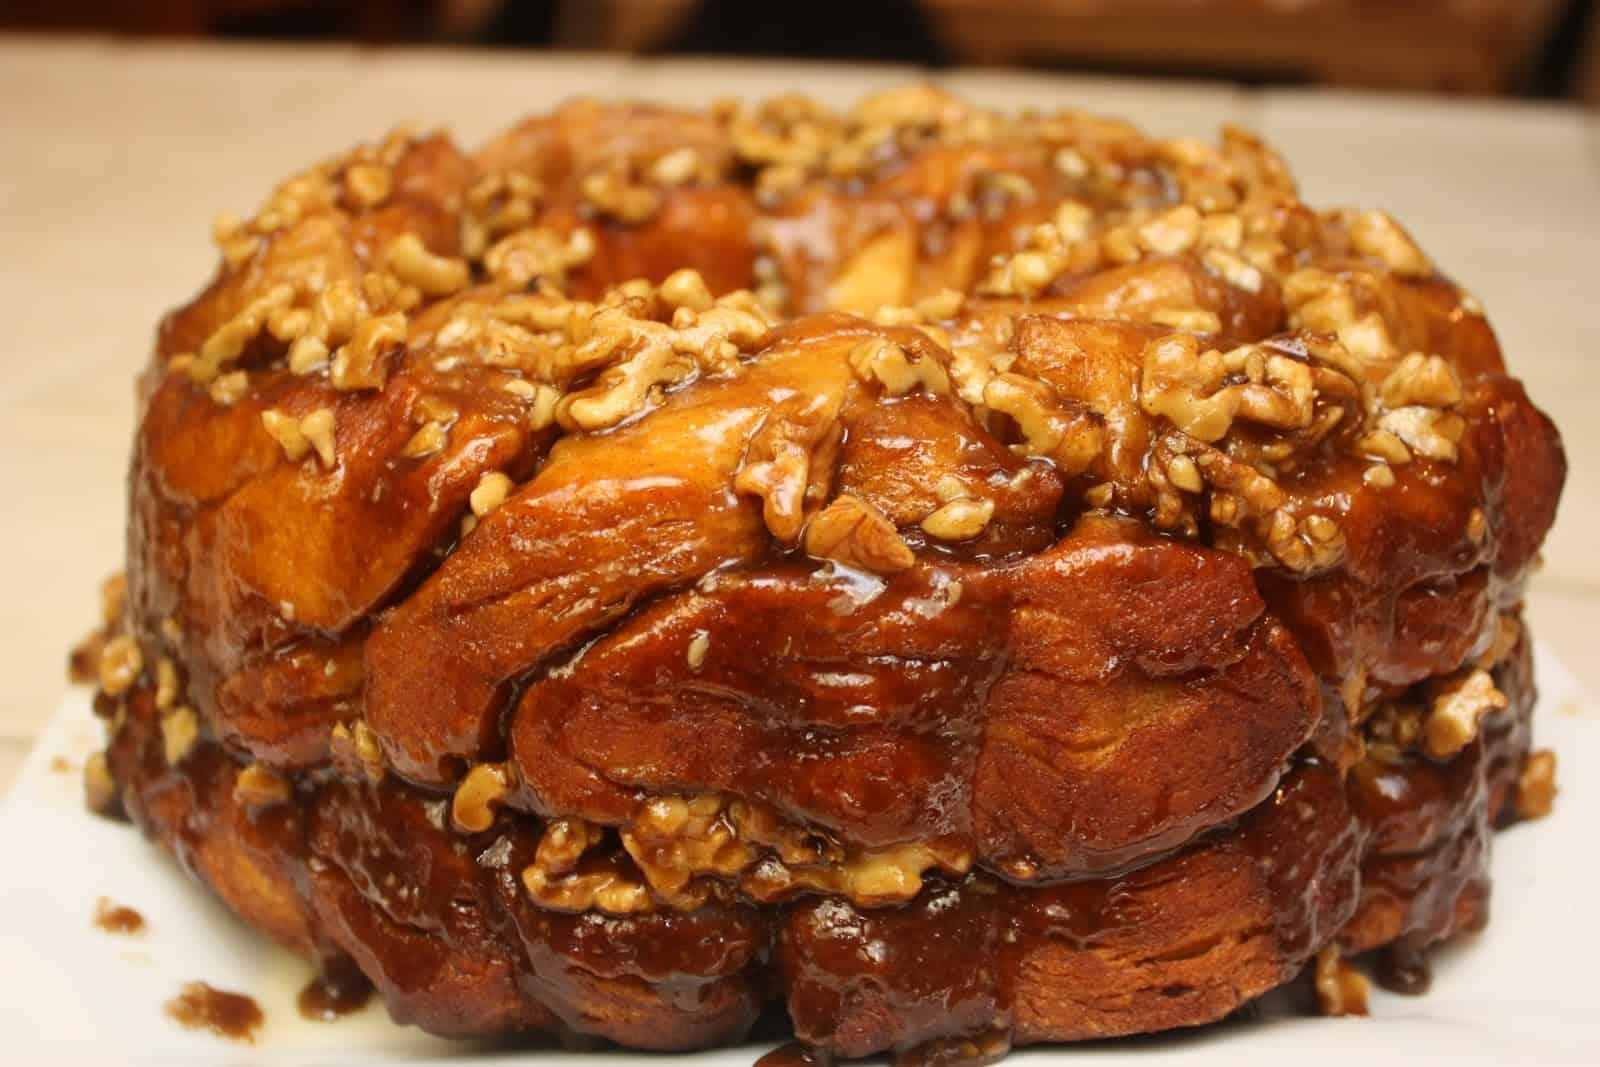 Caramel nut pull-apart bread